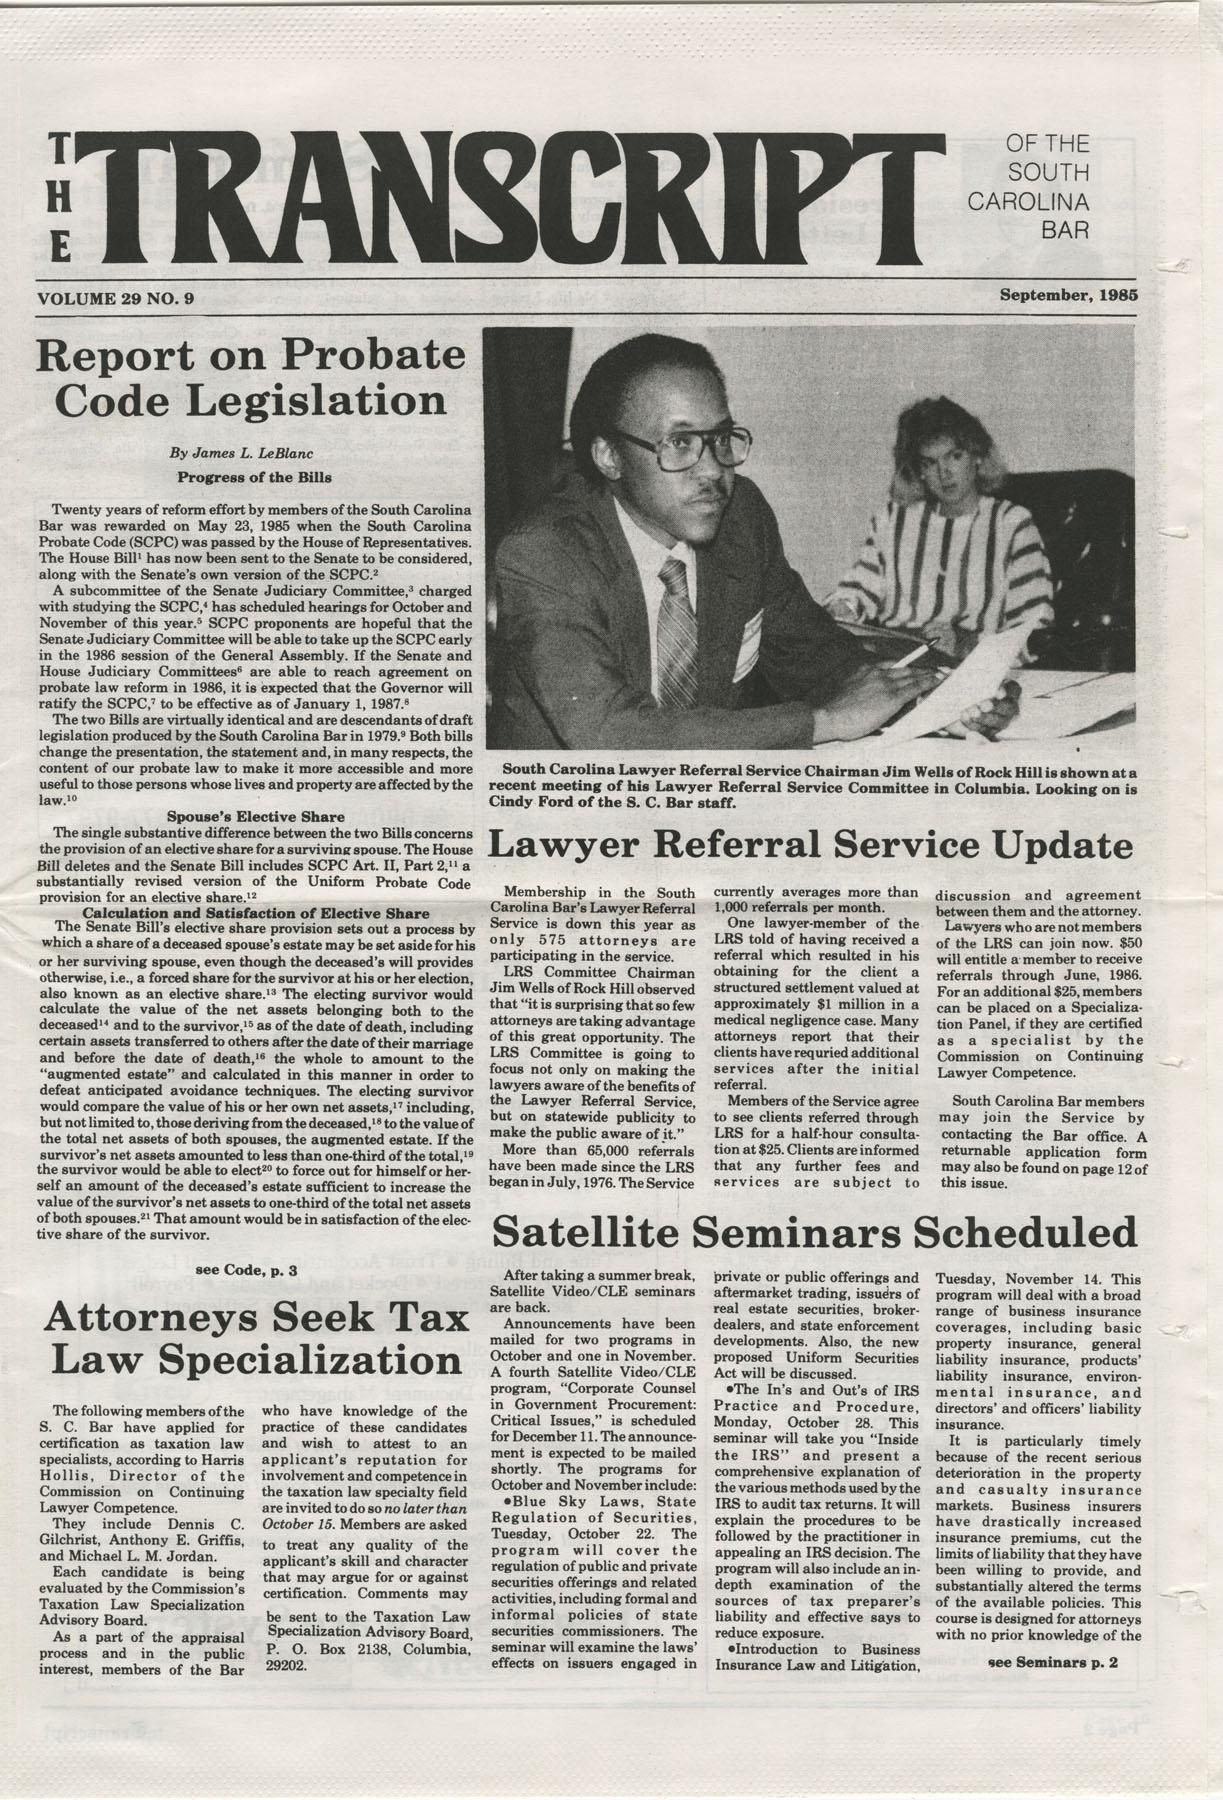 The Transcript of the South Carolina Bar, Vol. 29 No. 9, September 1985, Page 1